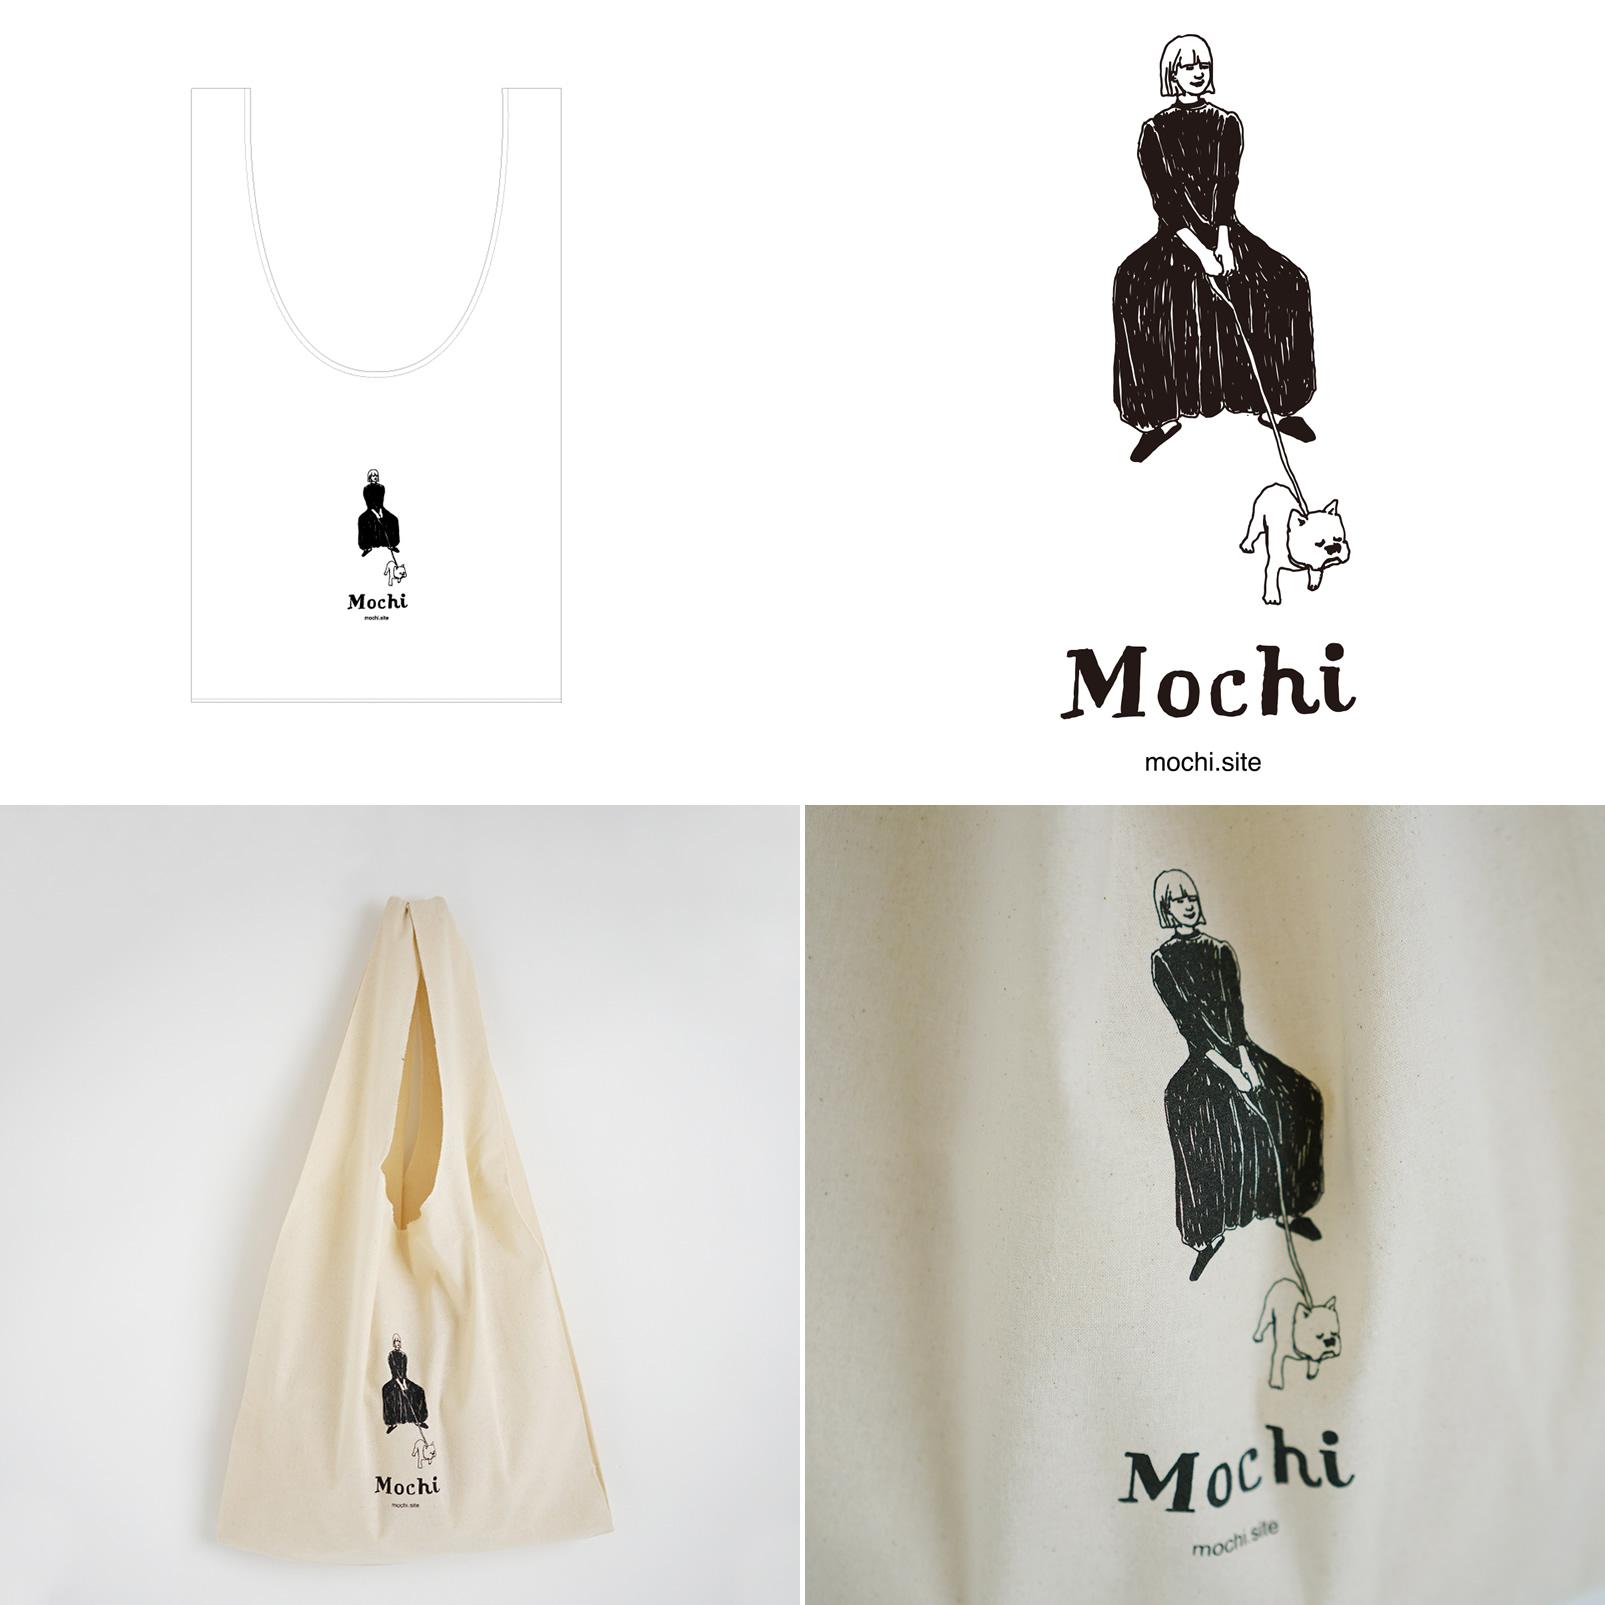 Mochi,mochi,Mochi 通販,mochi 通販,モチ 通販